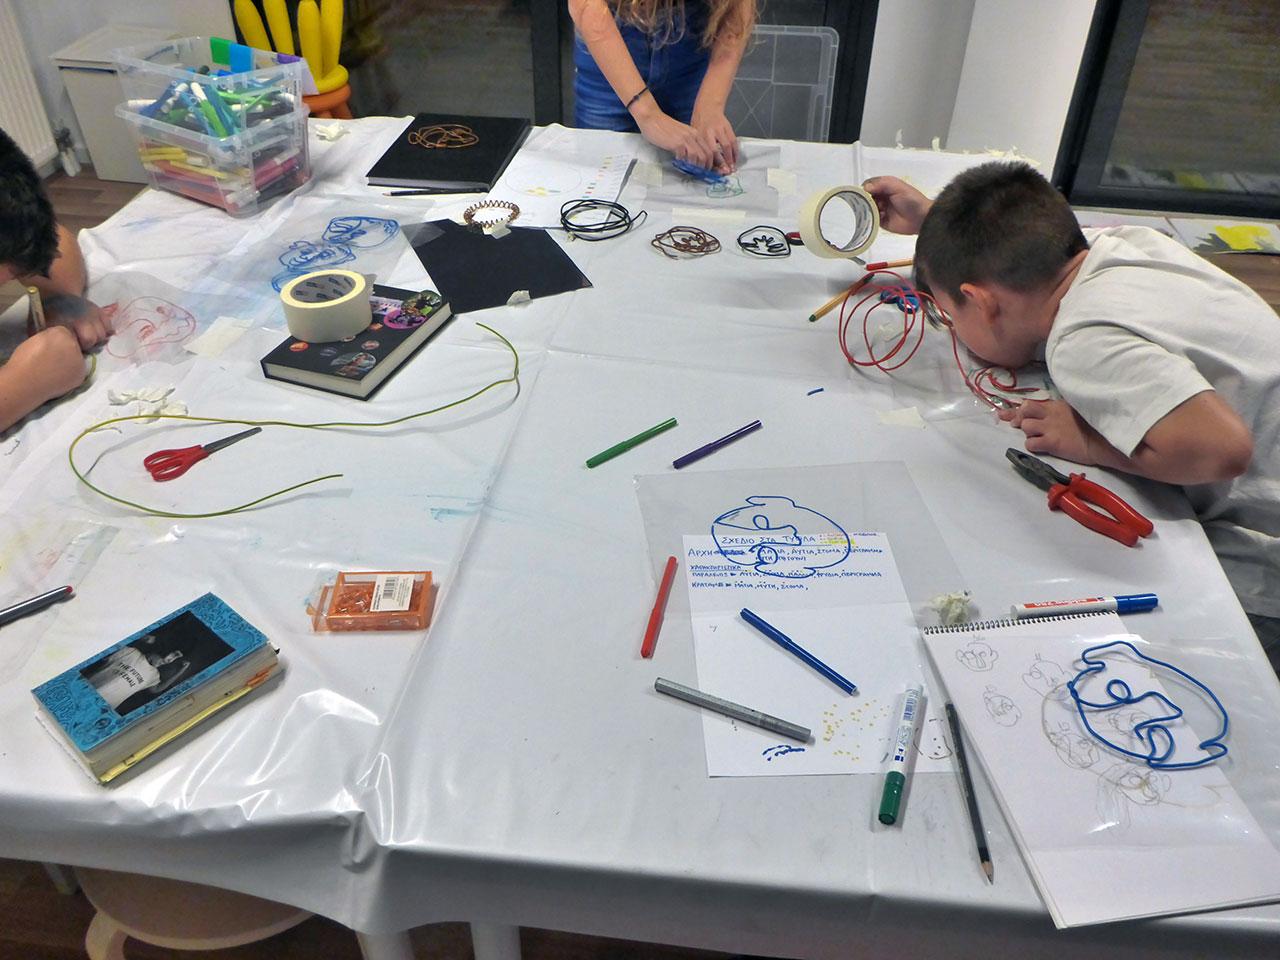 καλιγκούρου - εργαστήρι εικαστικών για παιδιά δημοτικού